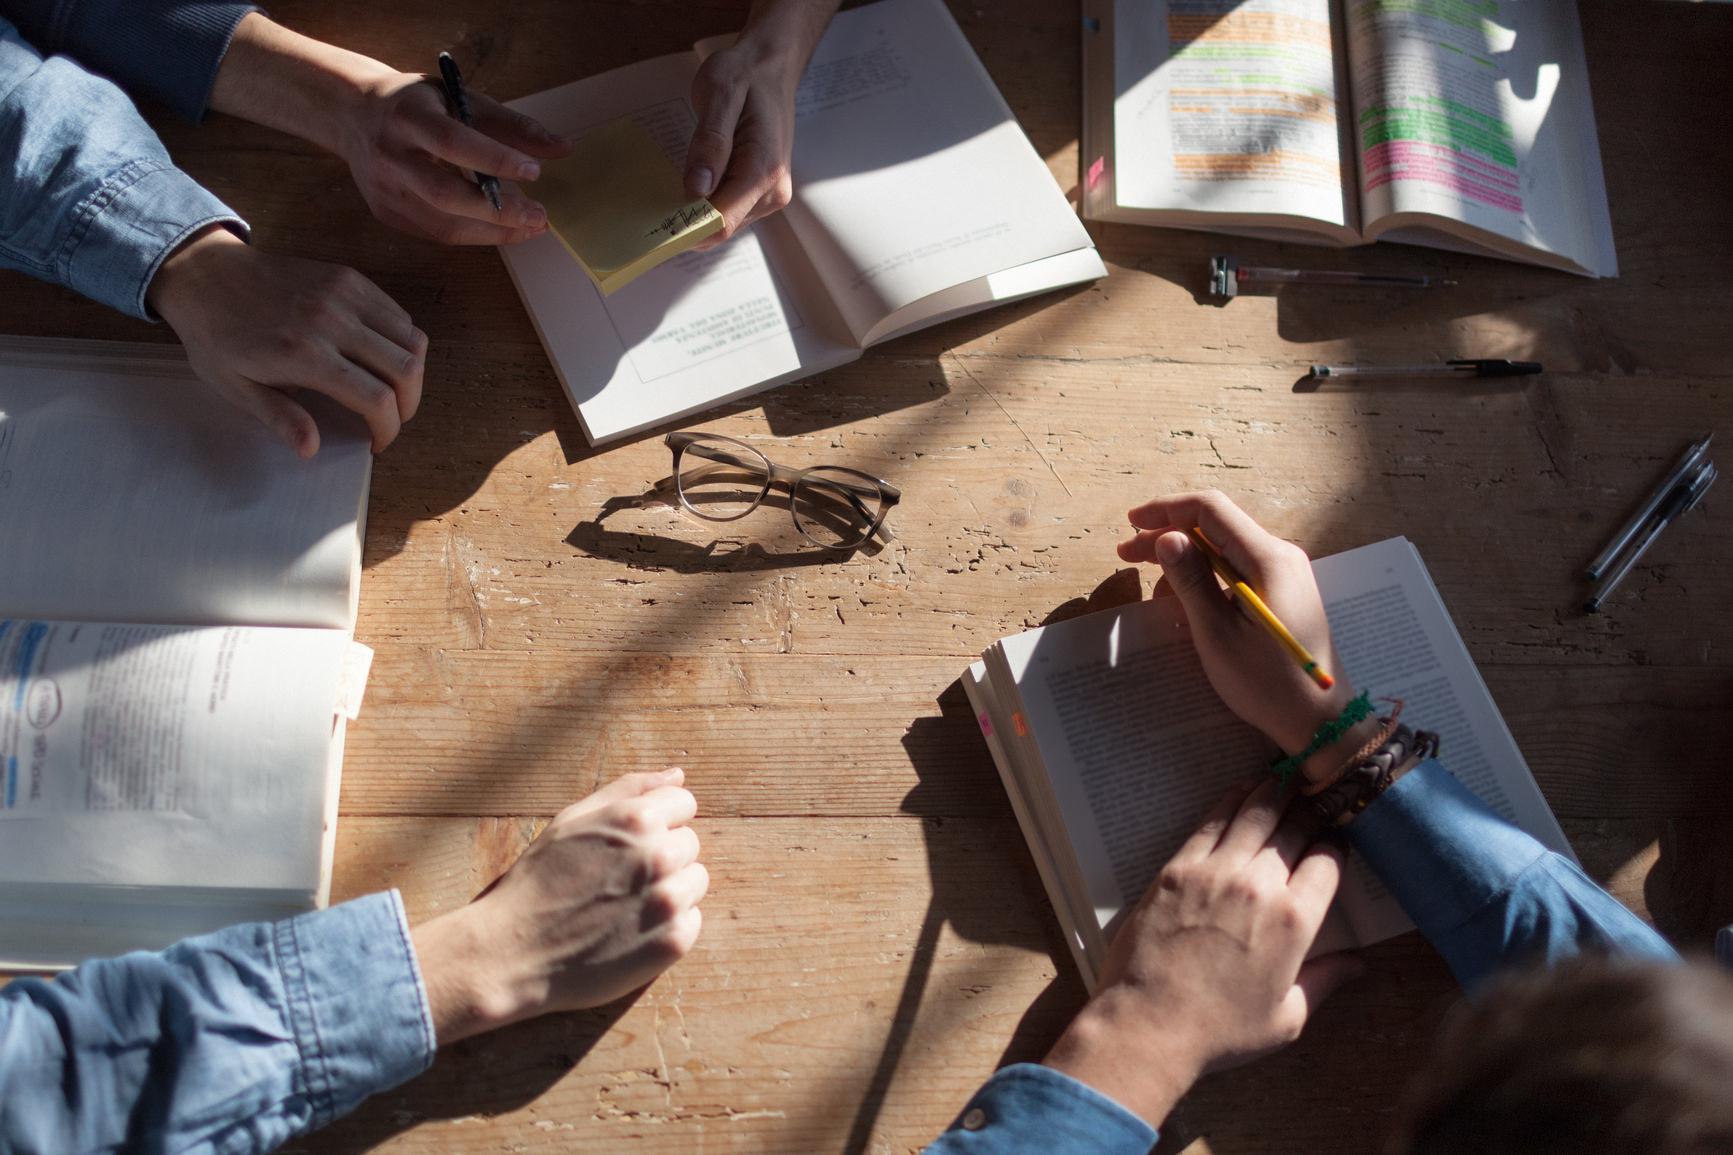 Balancing School Homework And Sleep For Teens